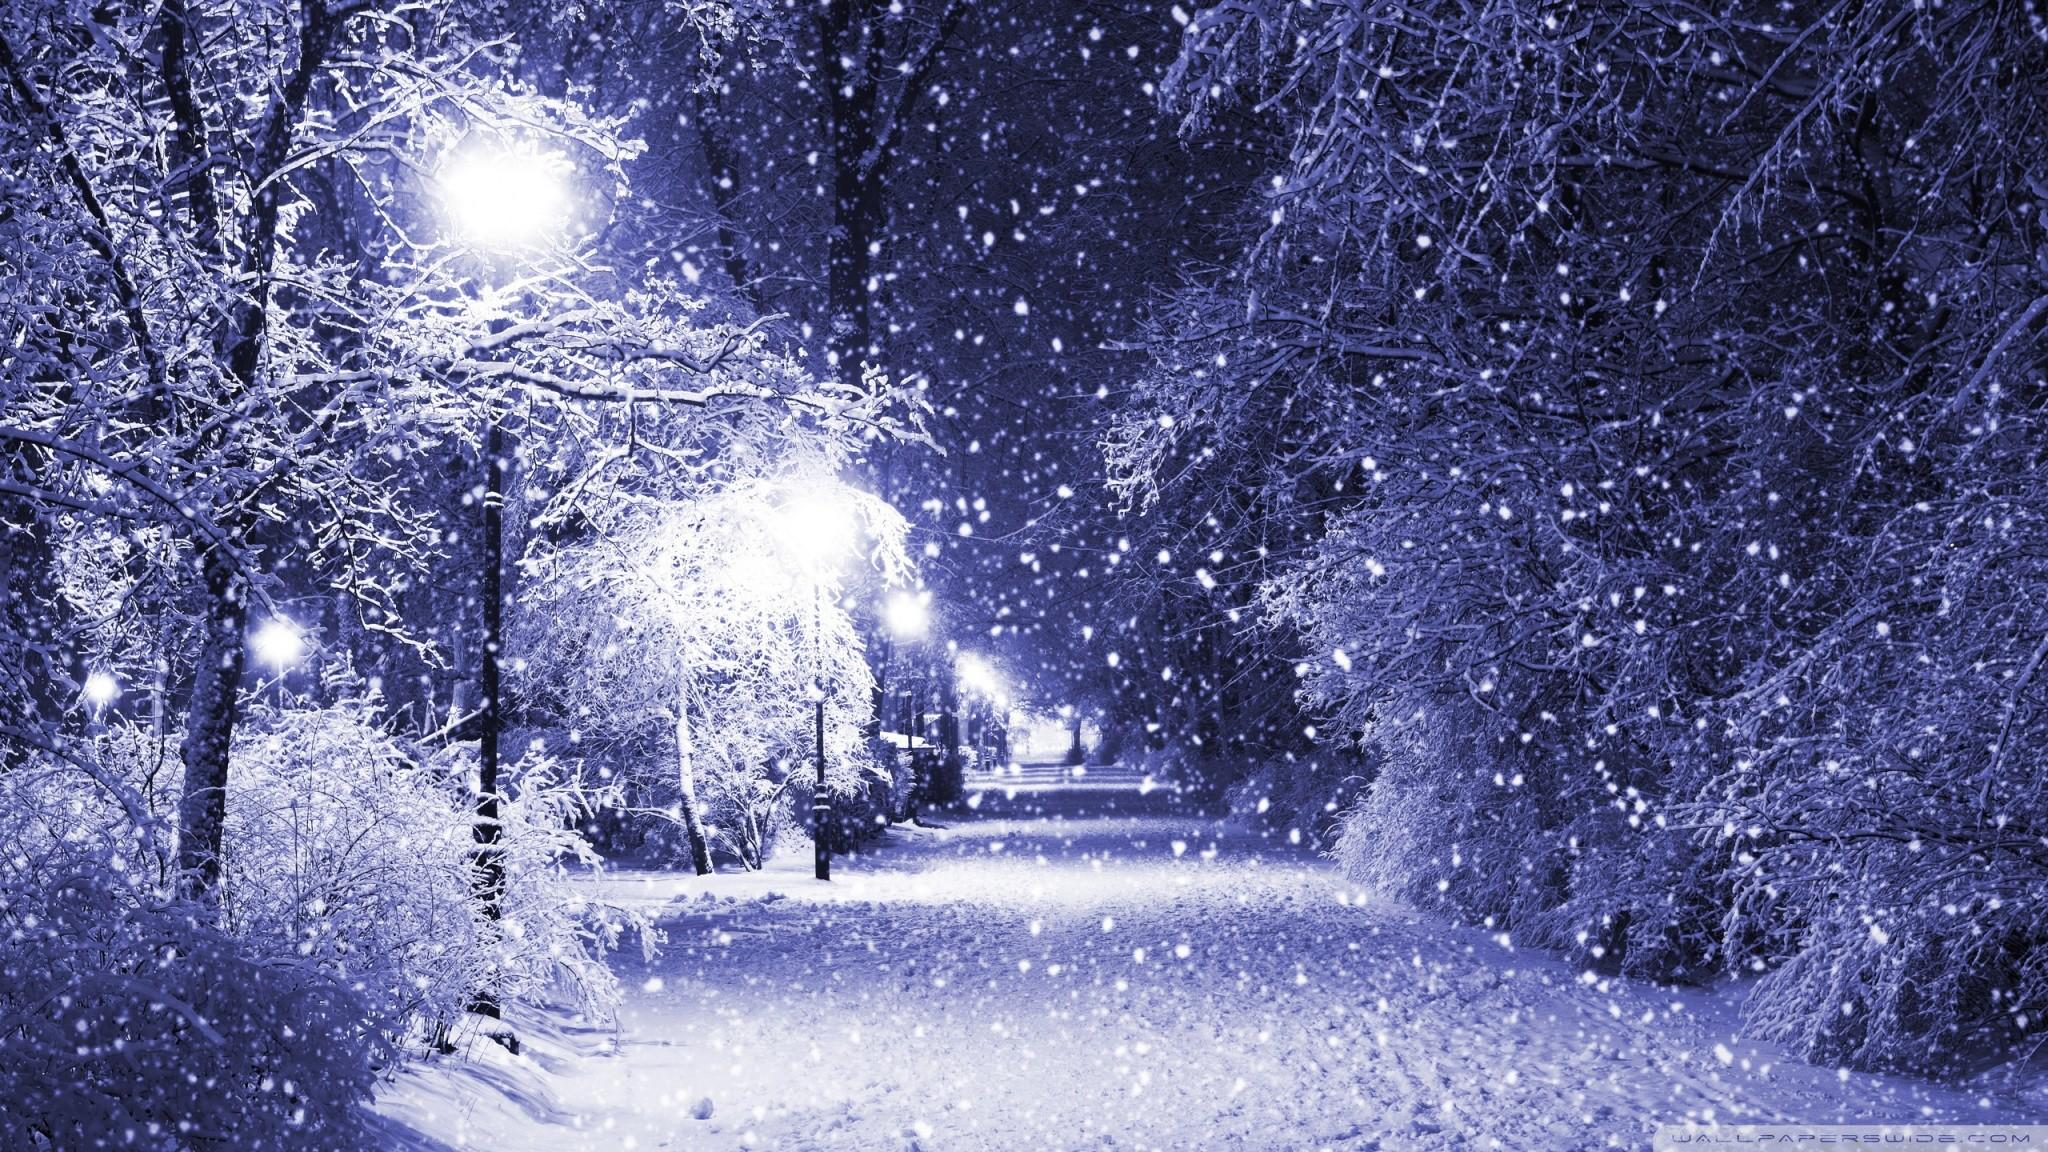 Christmas Snow Scene Wallpaper 1